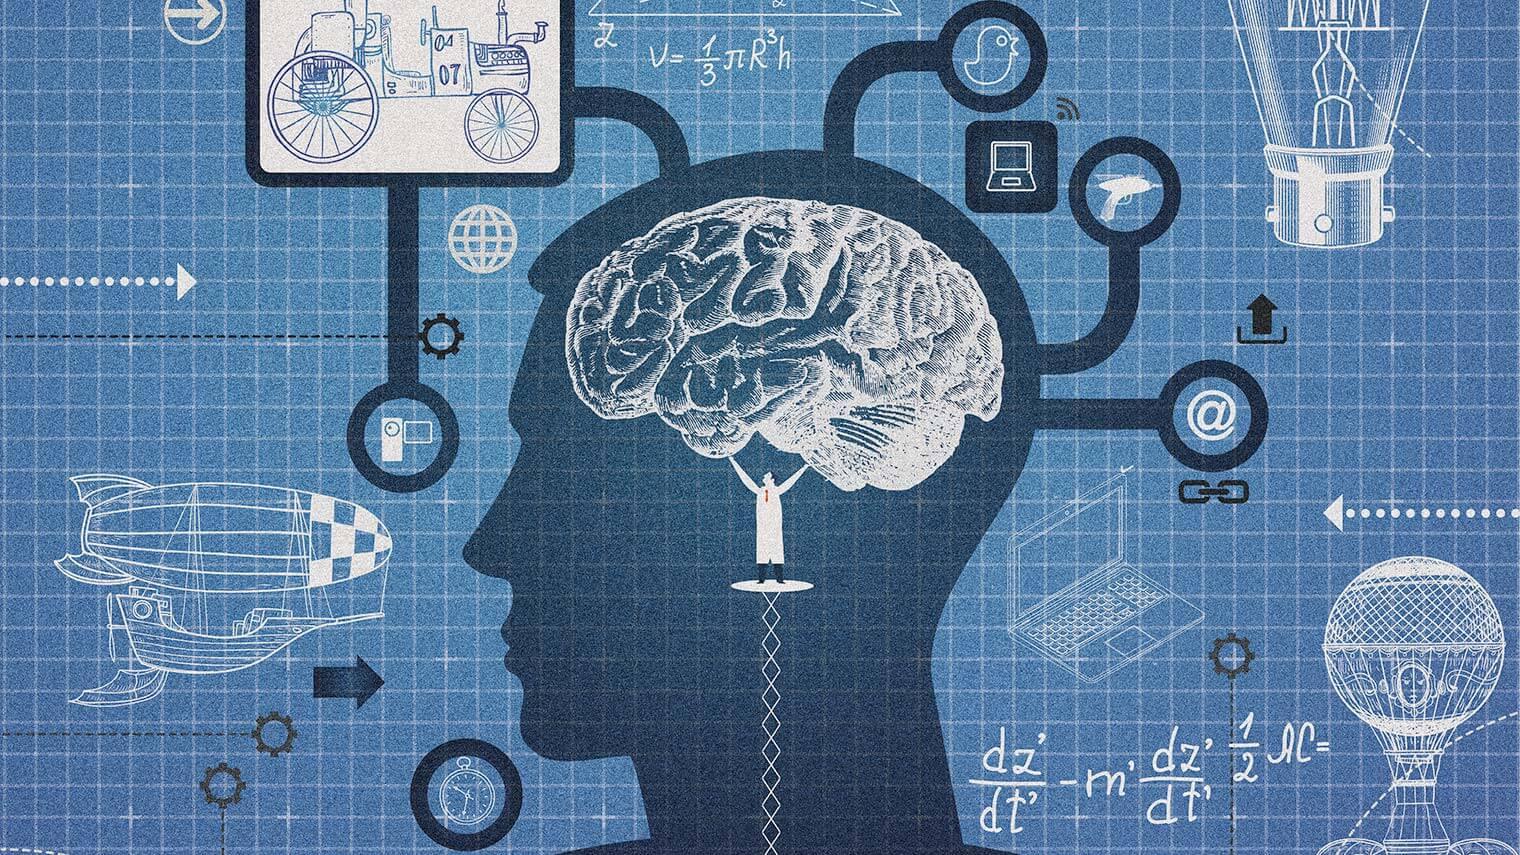 Sở hữu trí tuệ là gì? Tại sao phải bảo hộ quyền sở hữu trí tuệ?